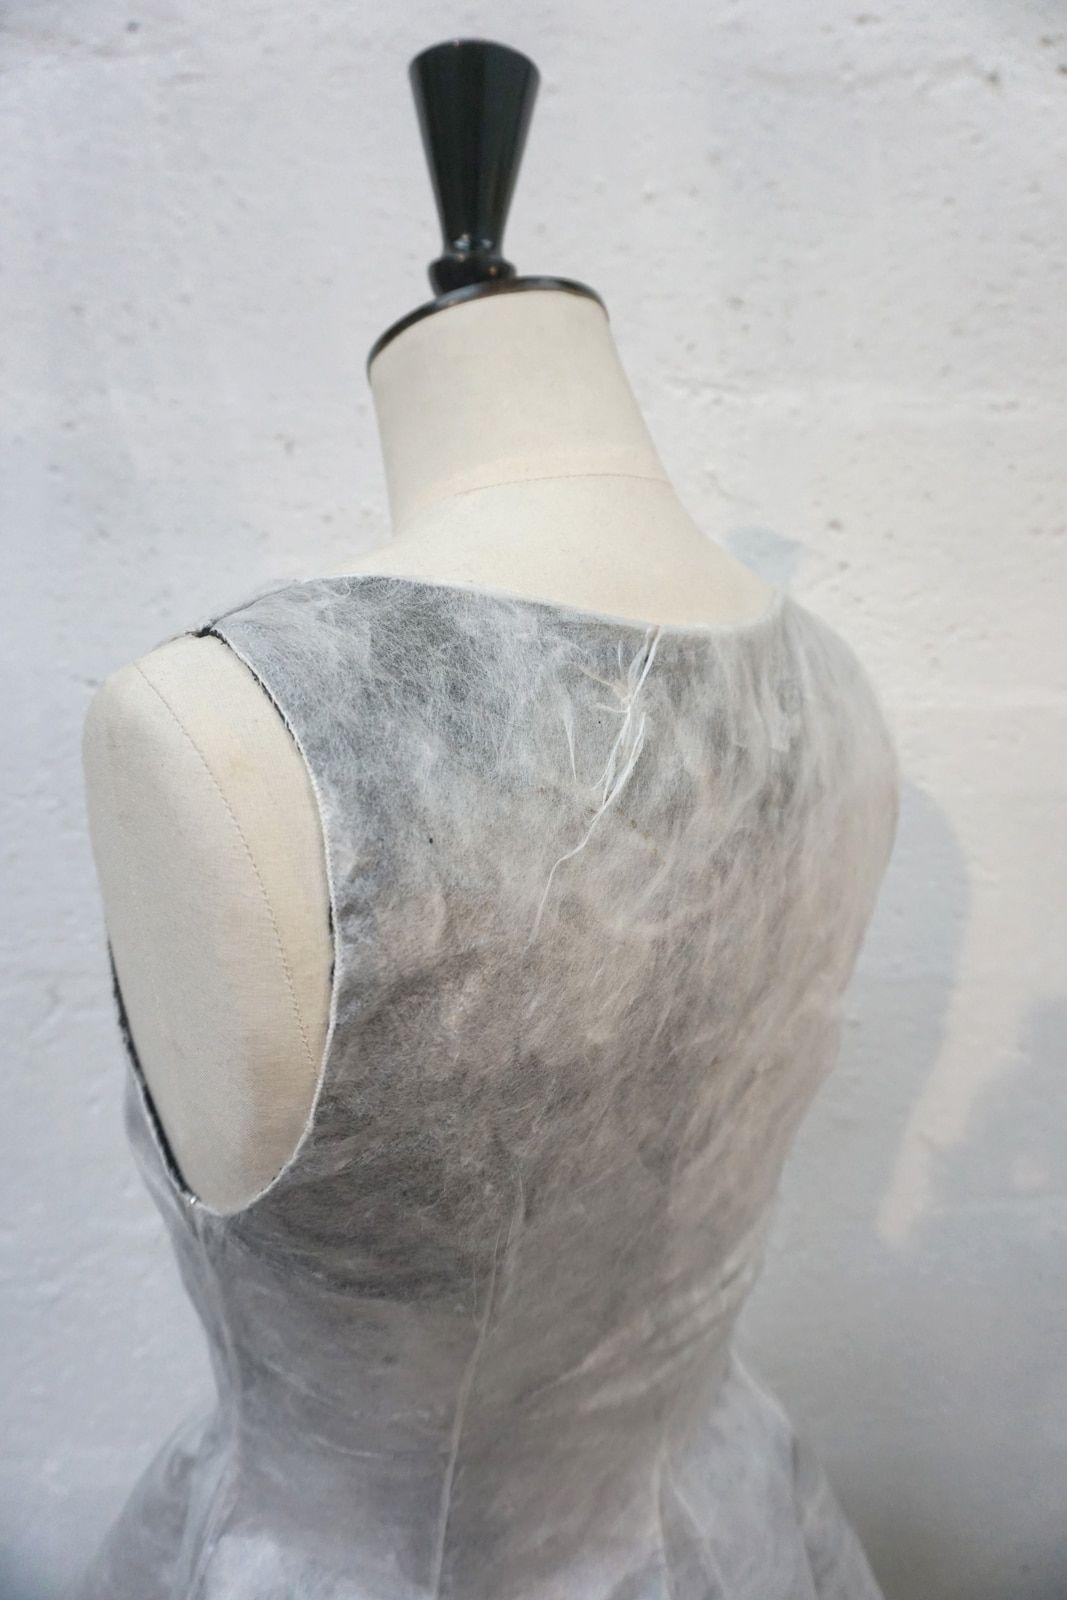 Robe en soie non tissee – Matiere Sericyne et doublure ponge de soie noir – Modele sur-mesure toile protoype et final – Collaboration Sericyne – Detail